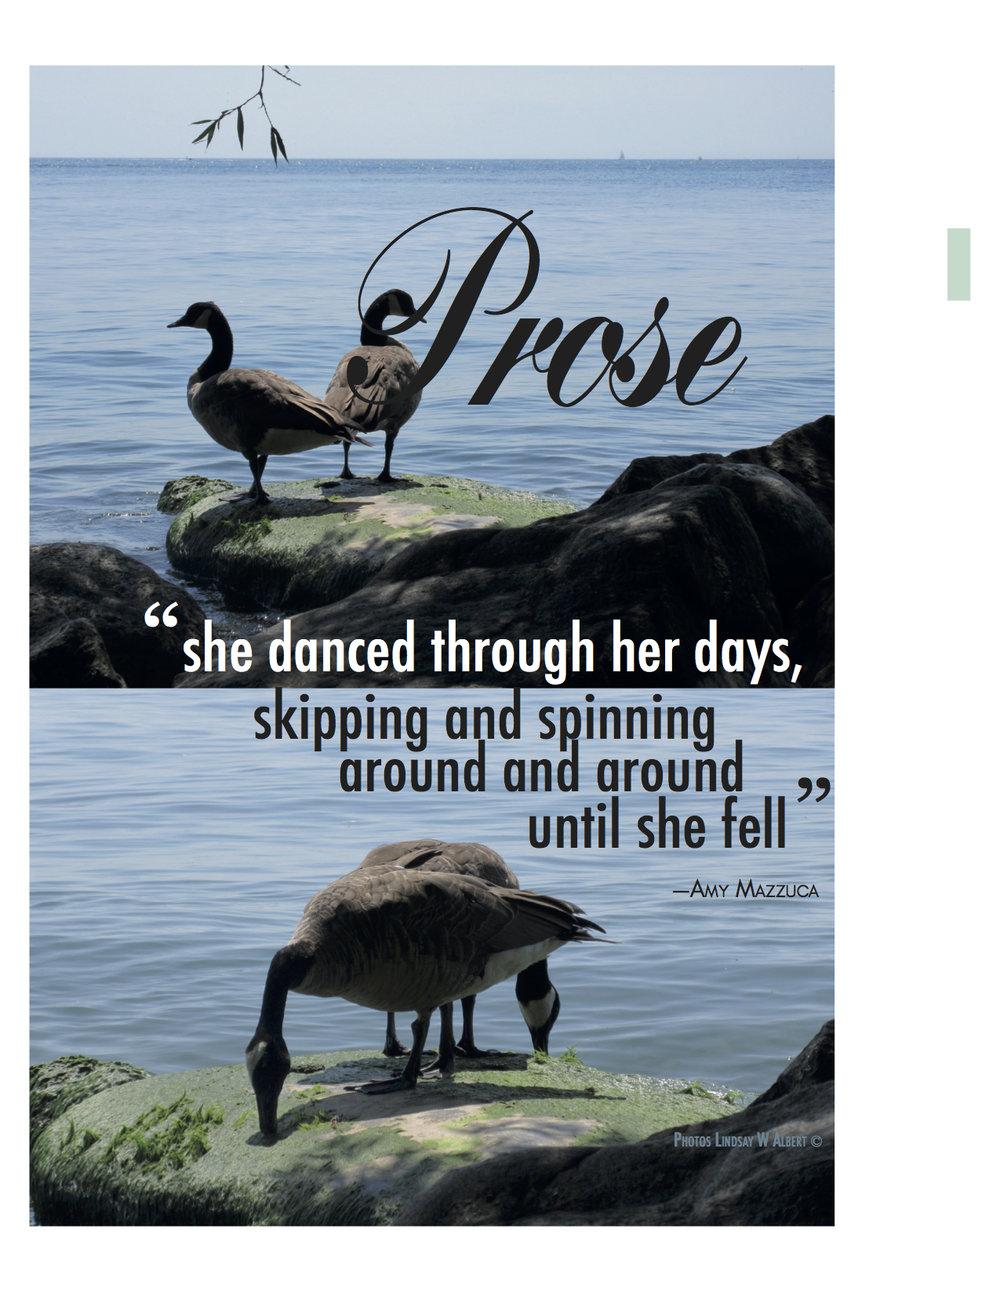 Artis 3 Lindsay Prose cover geese.jpg